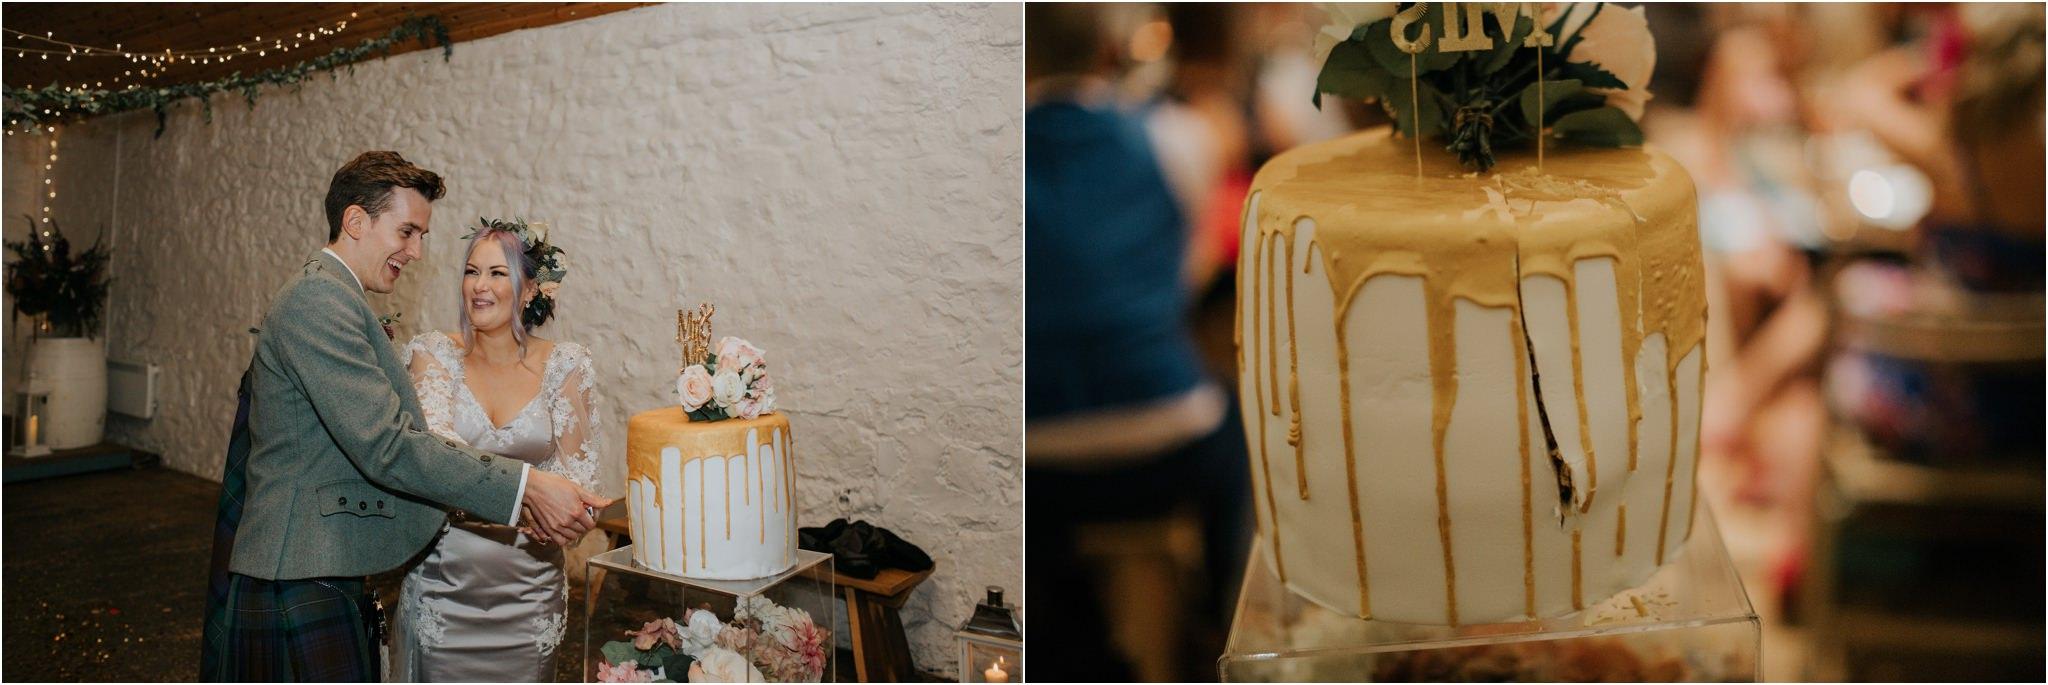 Photography 78 - Glasgow Wedding Photographer - Pete & Eilidh - Dalduff Farm_0083.jpg